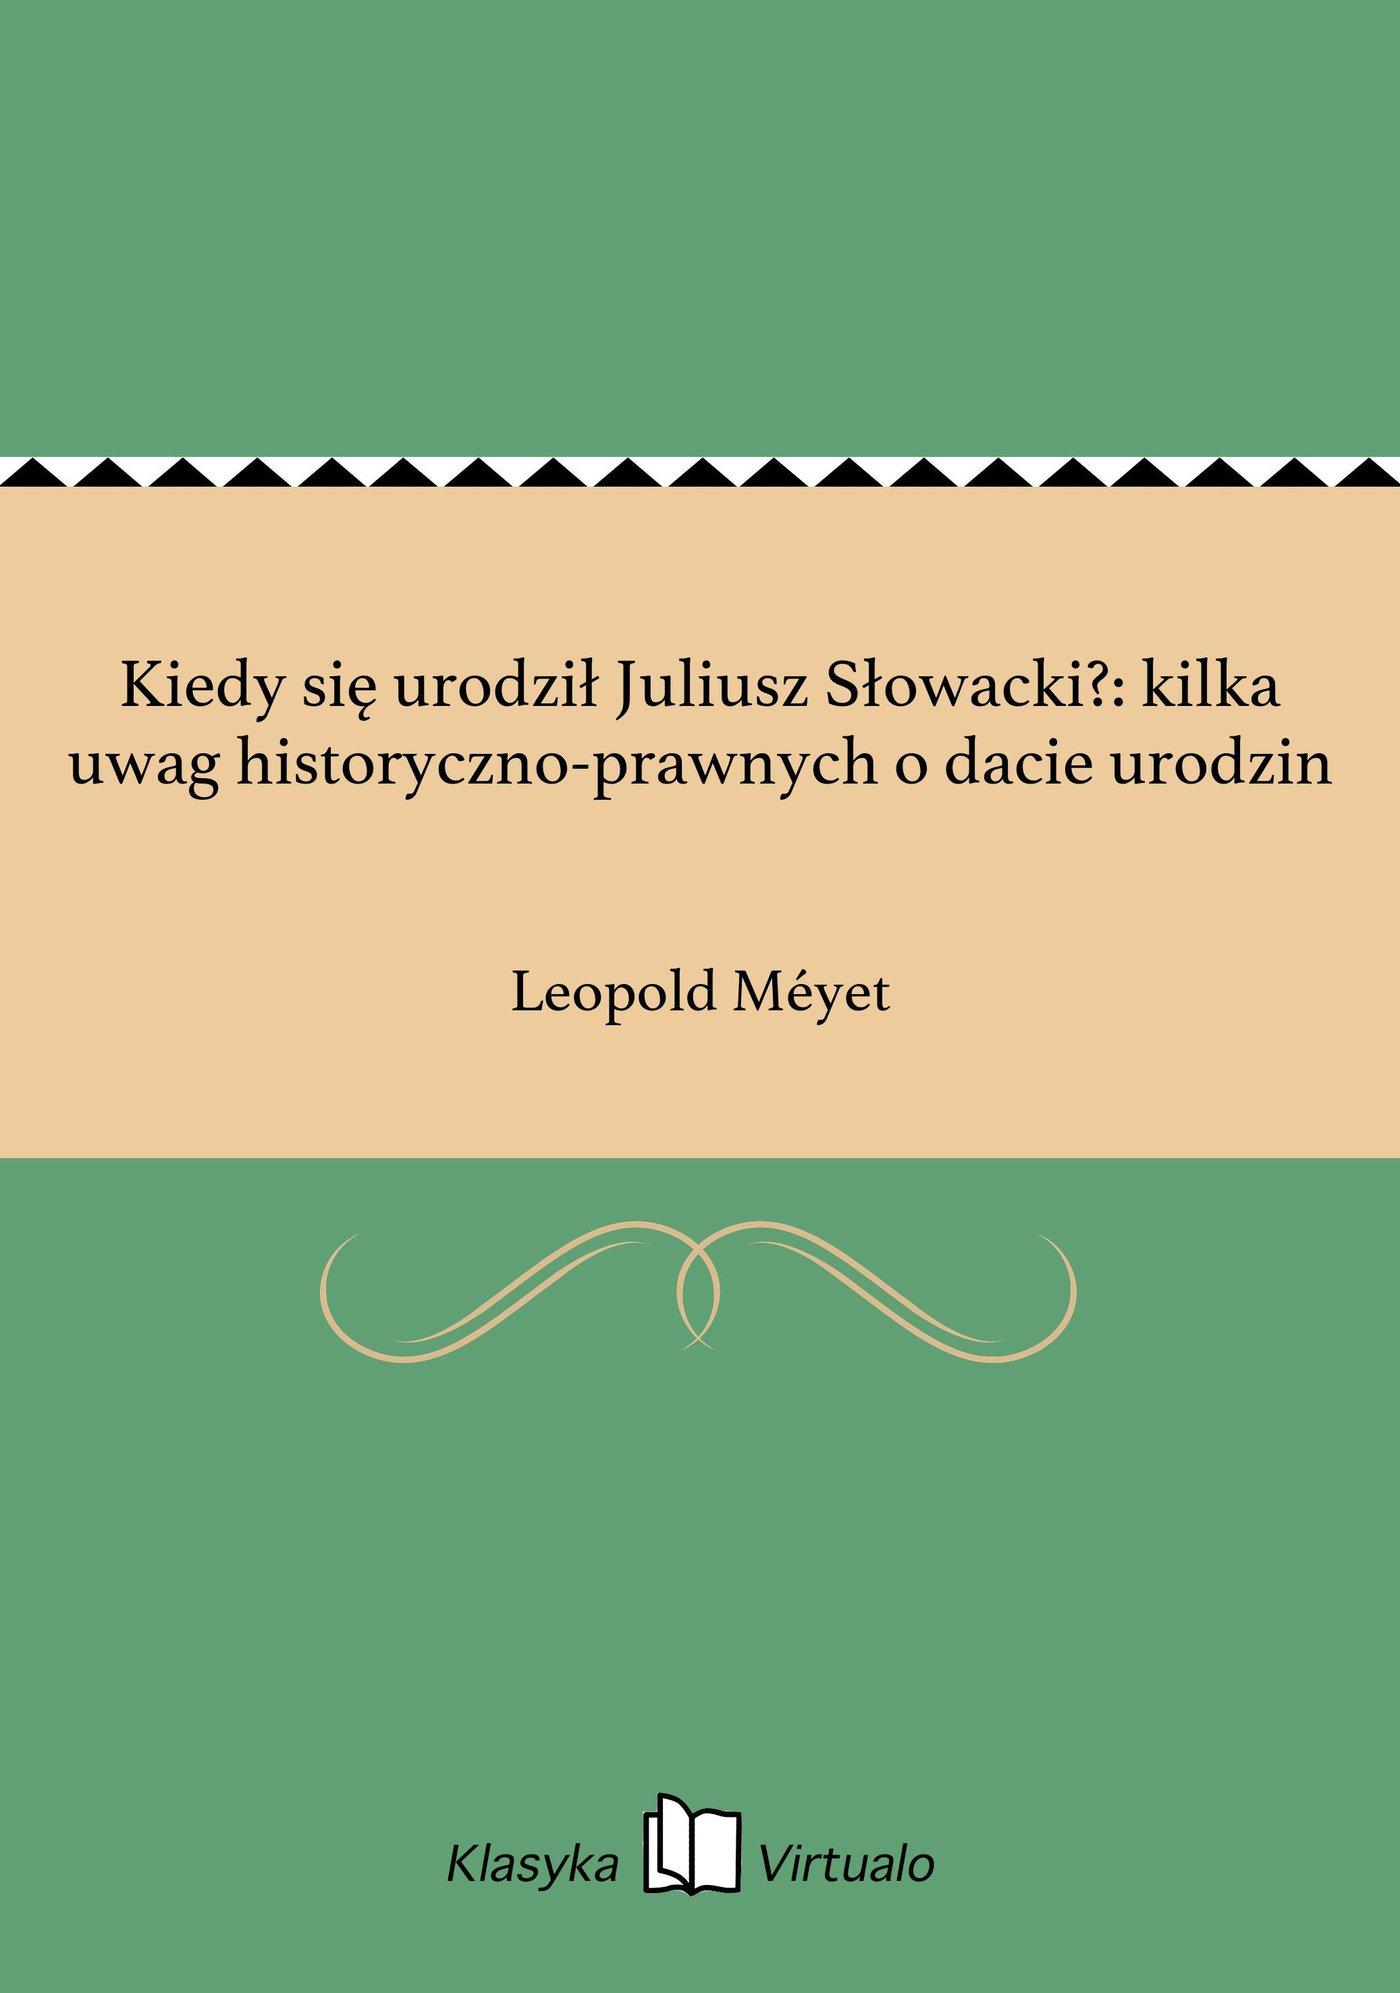 Kiedy się urodził Juliusz Słowacki?: kilka uwag historyczno-prawnych o dacie urodzin - Ebook (Książka na Kindle) do pobrania w formacie MOBI